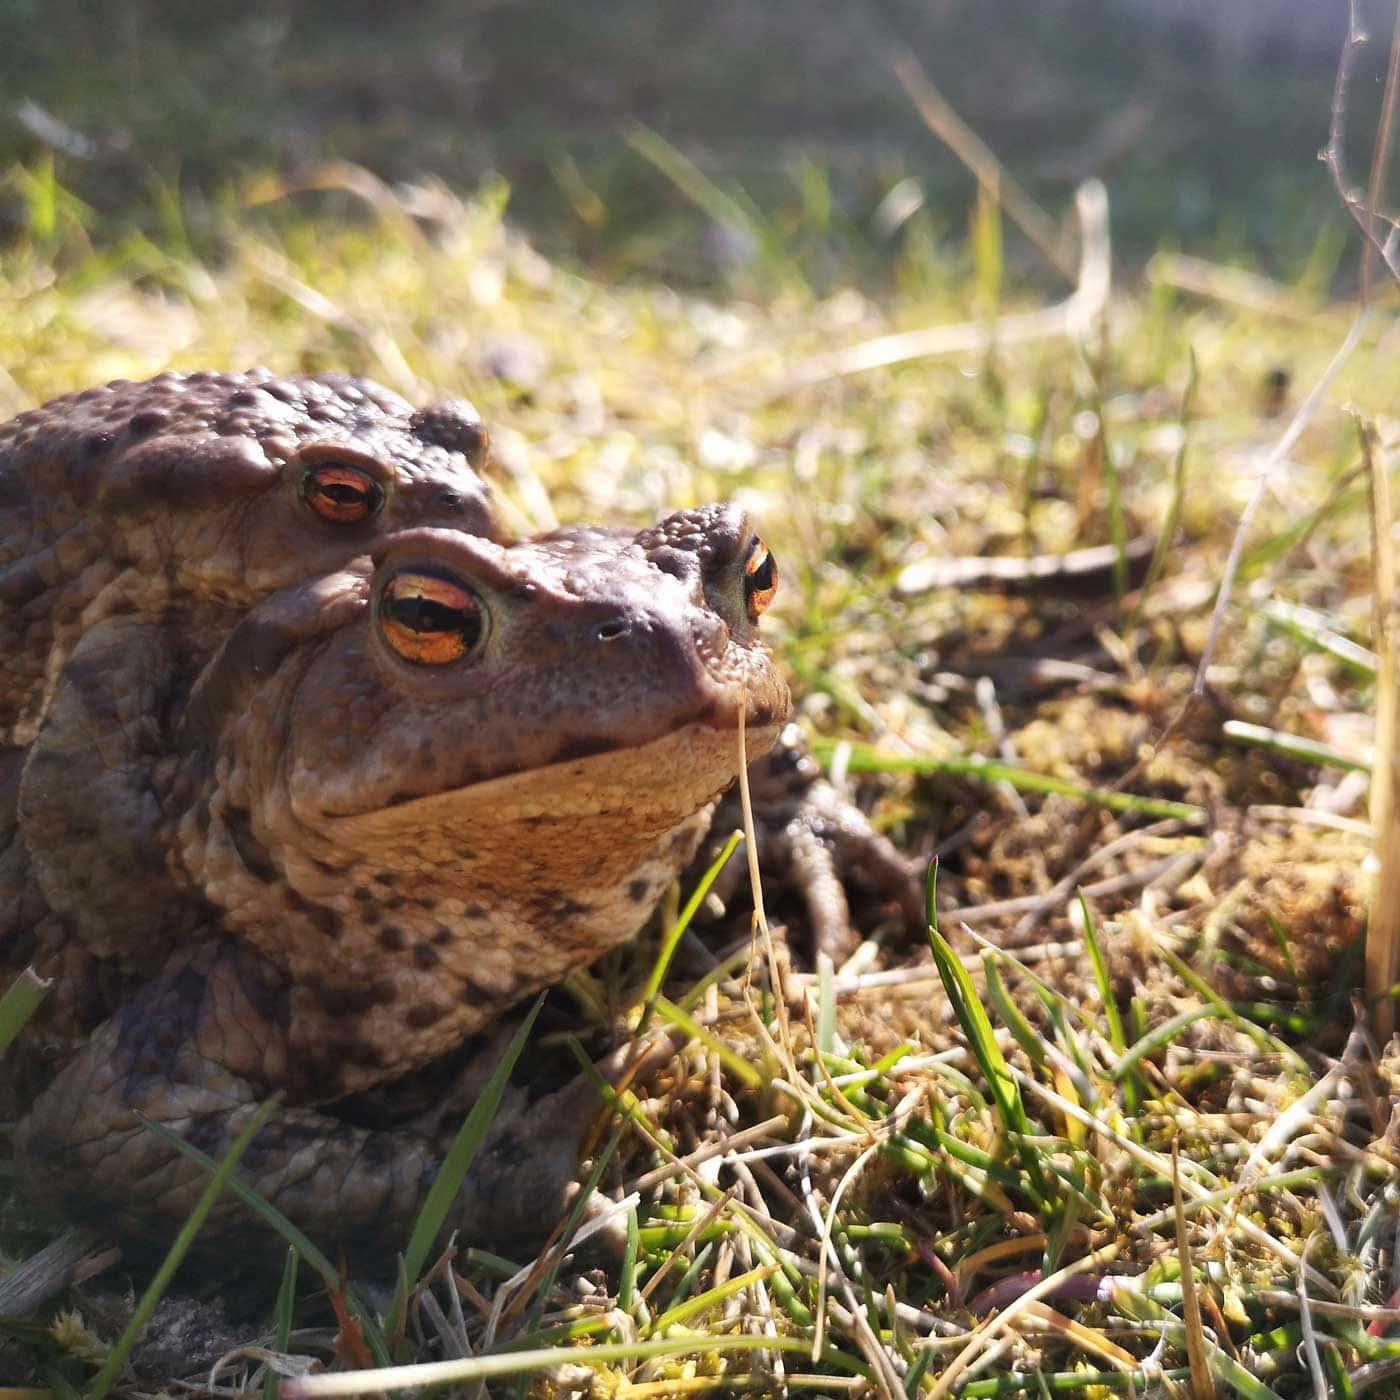 Ausflug zu Tieren aufs Land: Erdkröte // HIMBEER